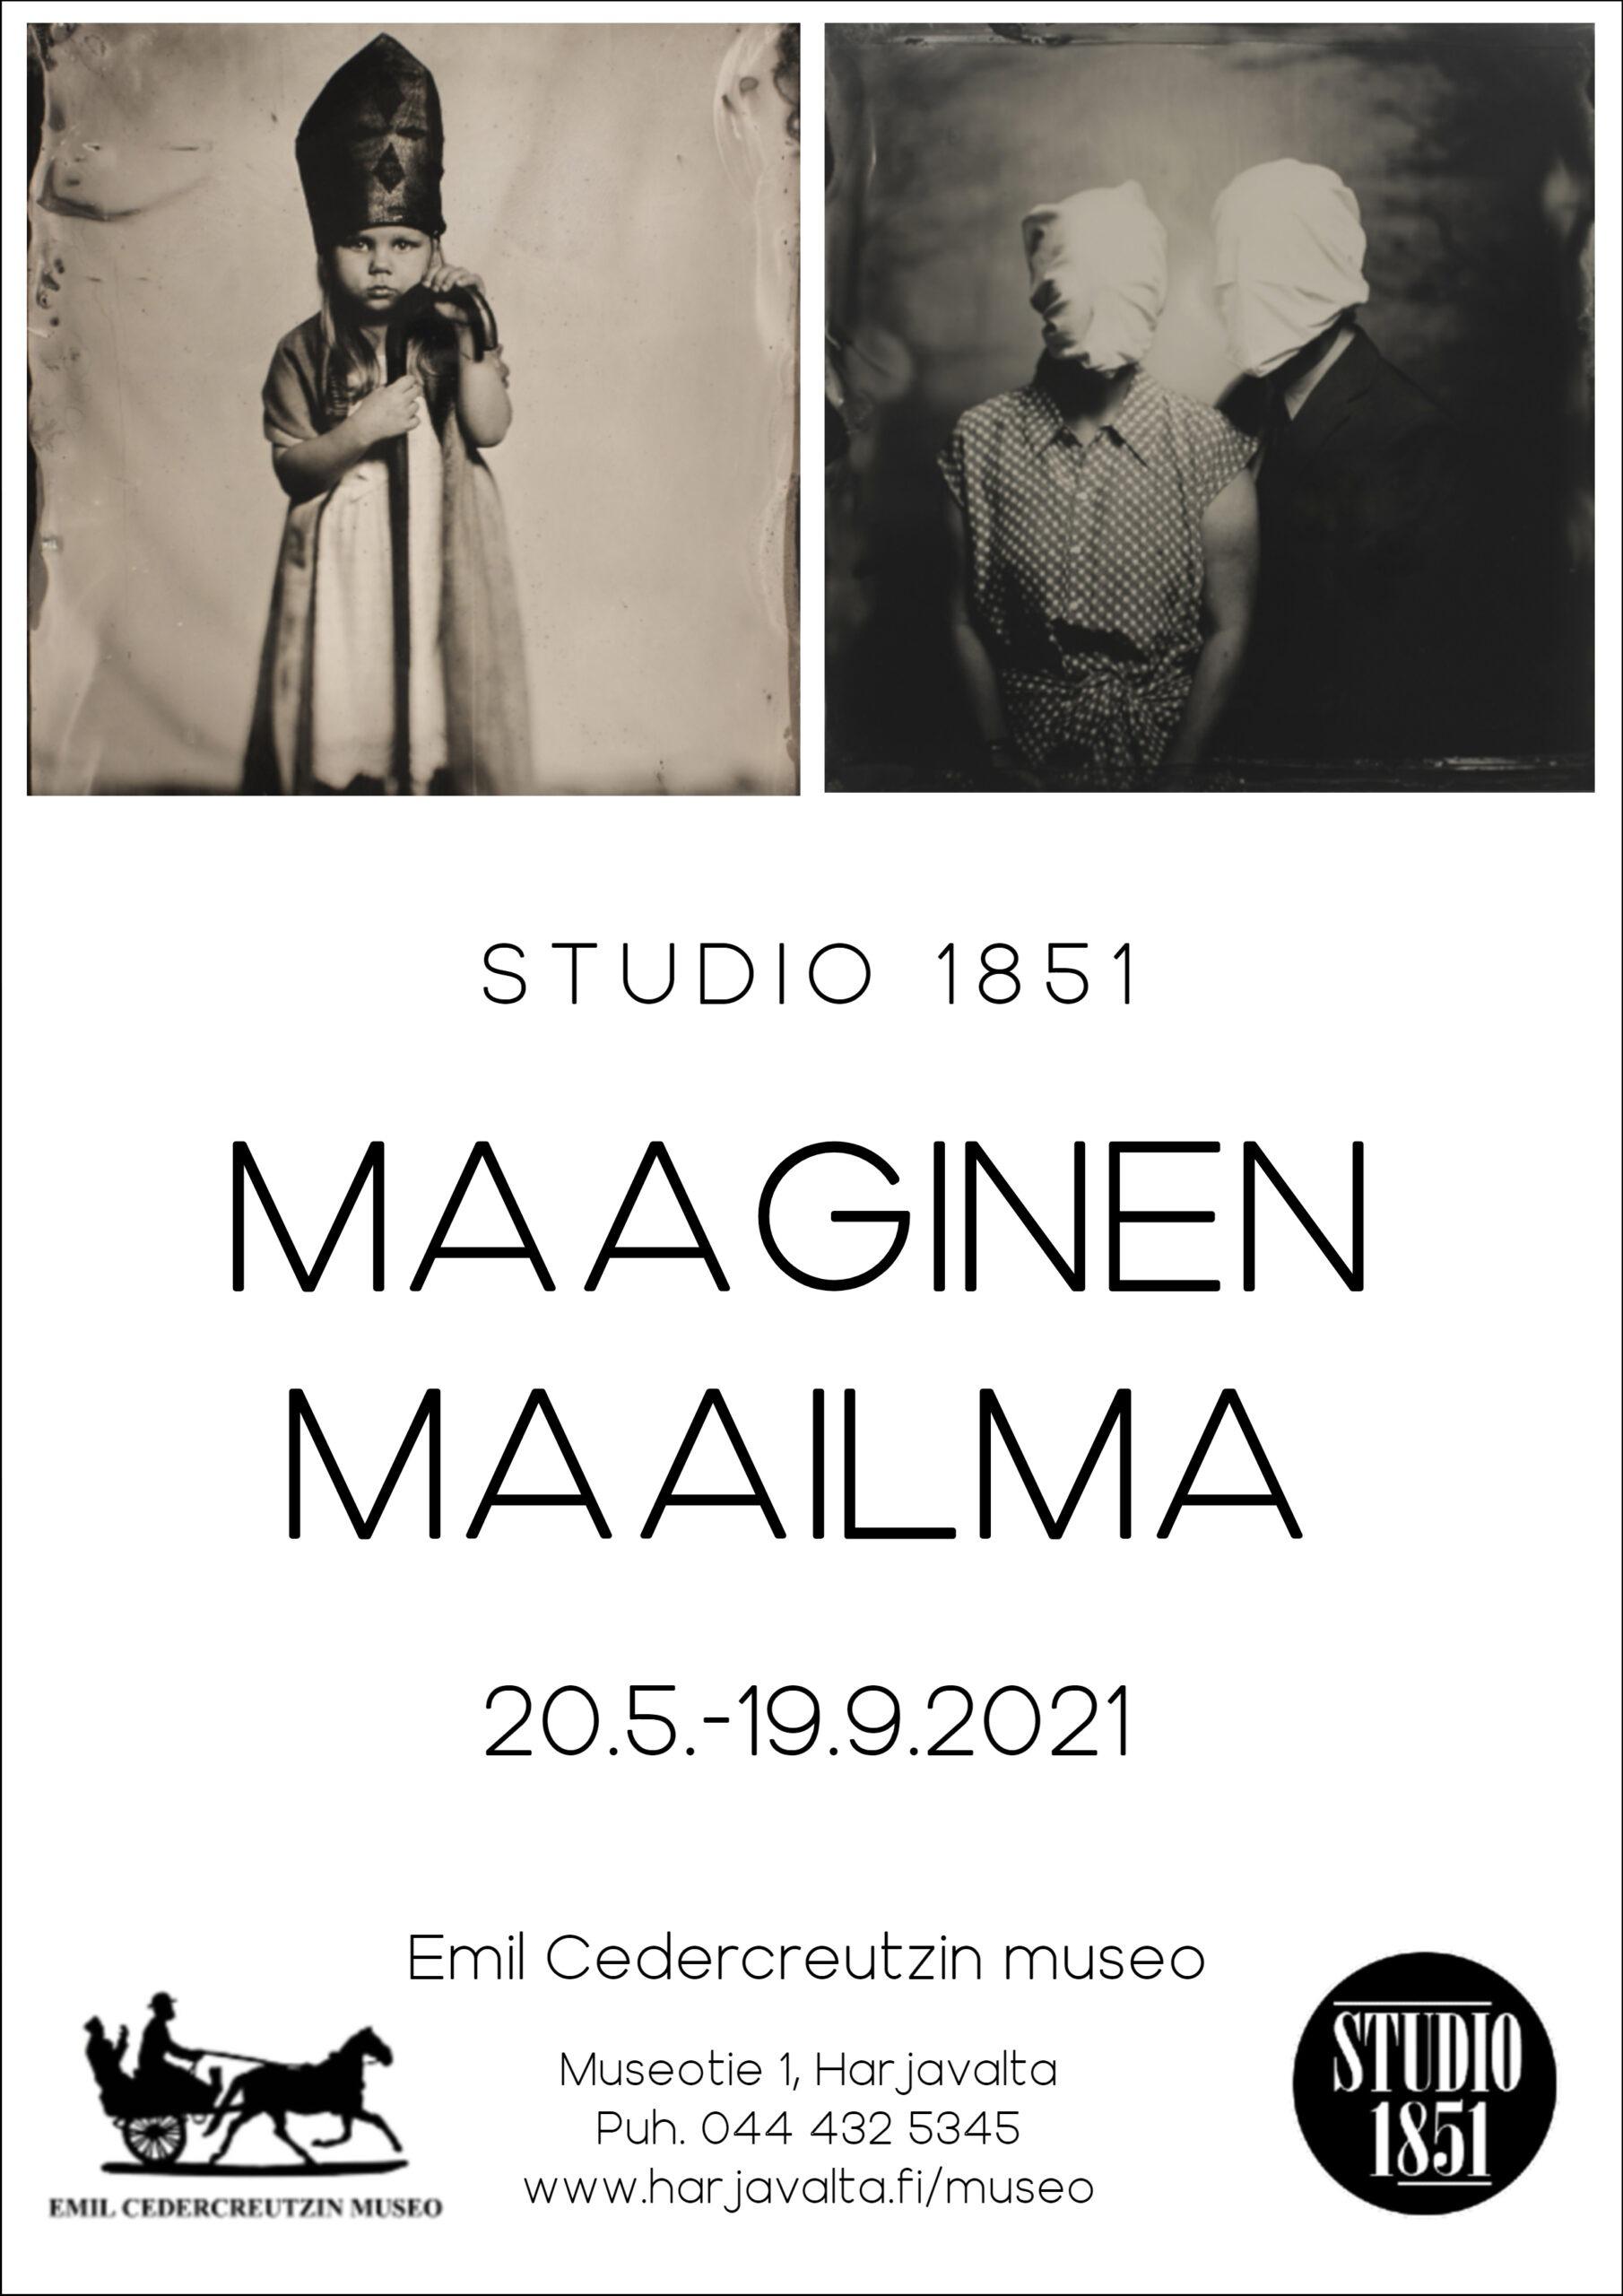 Studio 1851: Maaginen maailma -näyttelyn juliste.